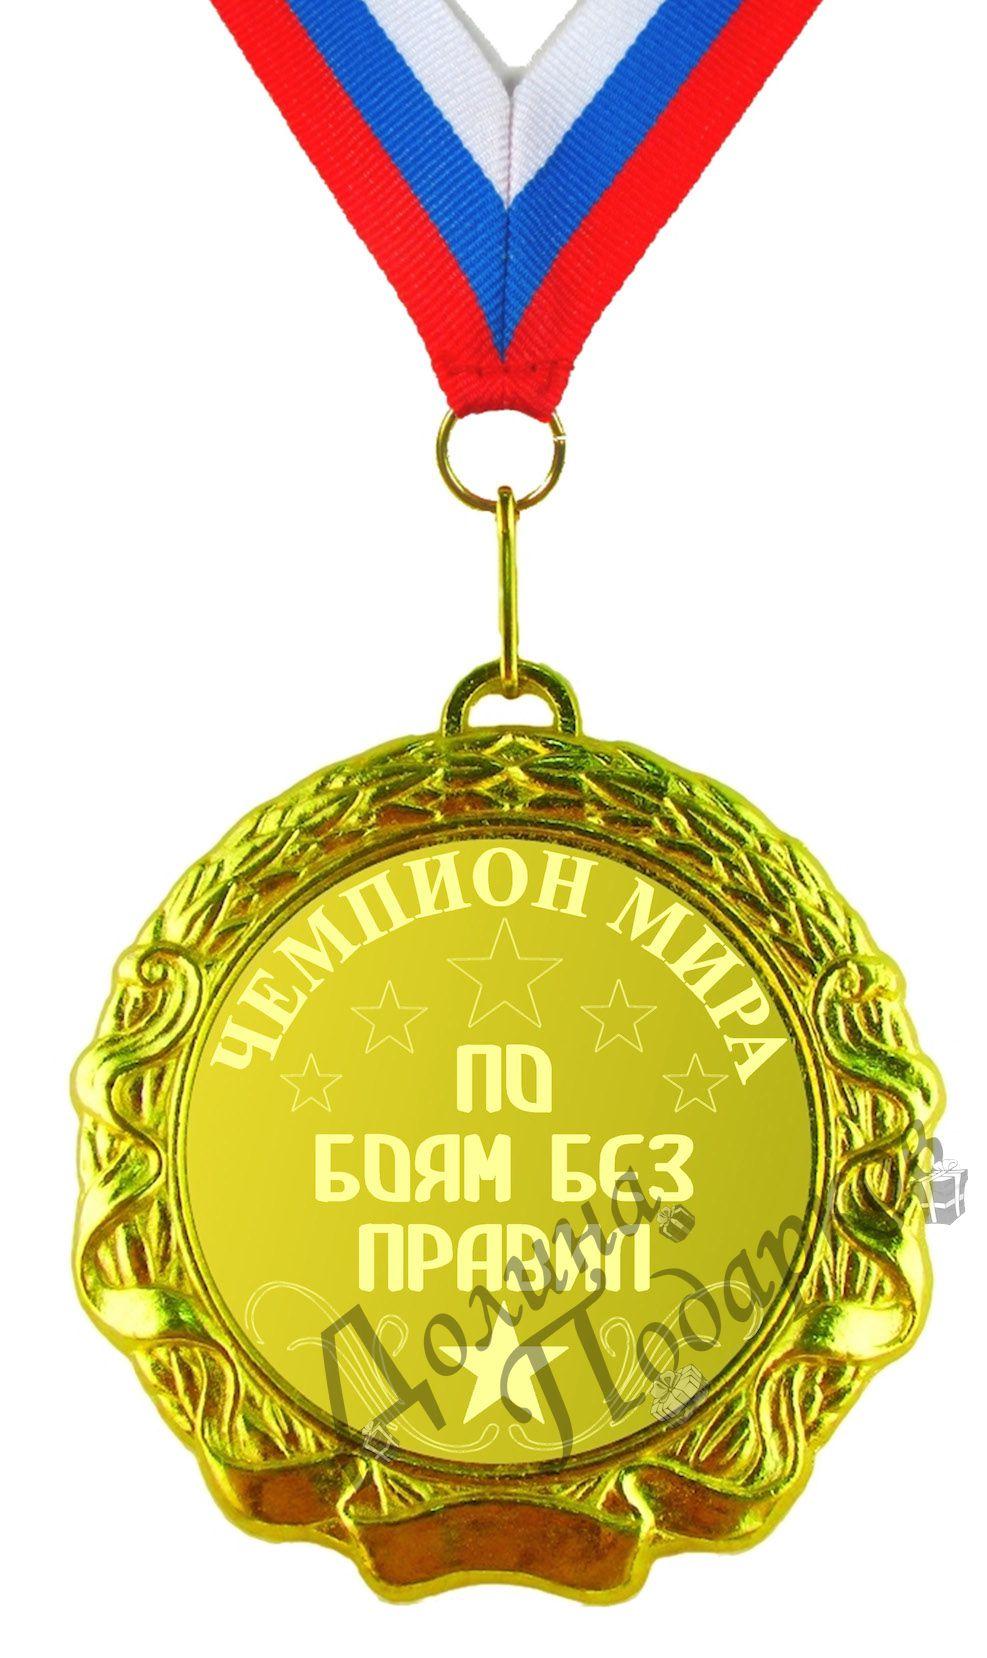 Купить Медаль *Чемпион мира по боям без правил* в интернет-магазине подарков. Огромный выбор необычных подарков и сувениров широкого ценового диапазона!